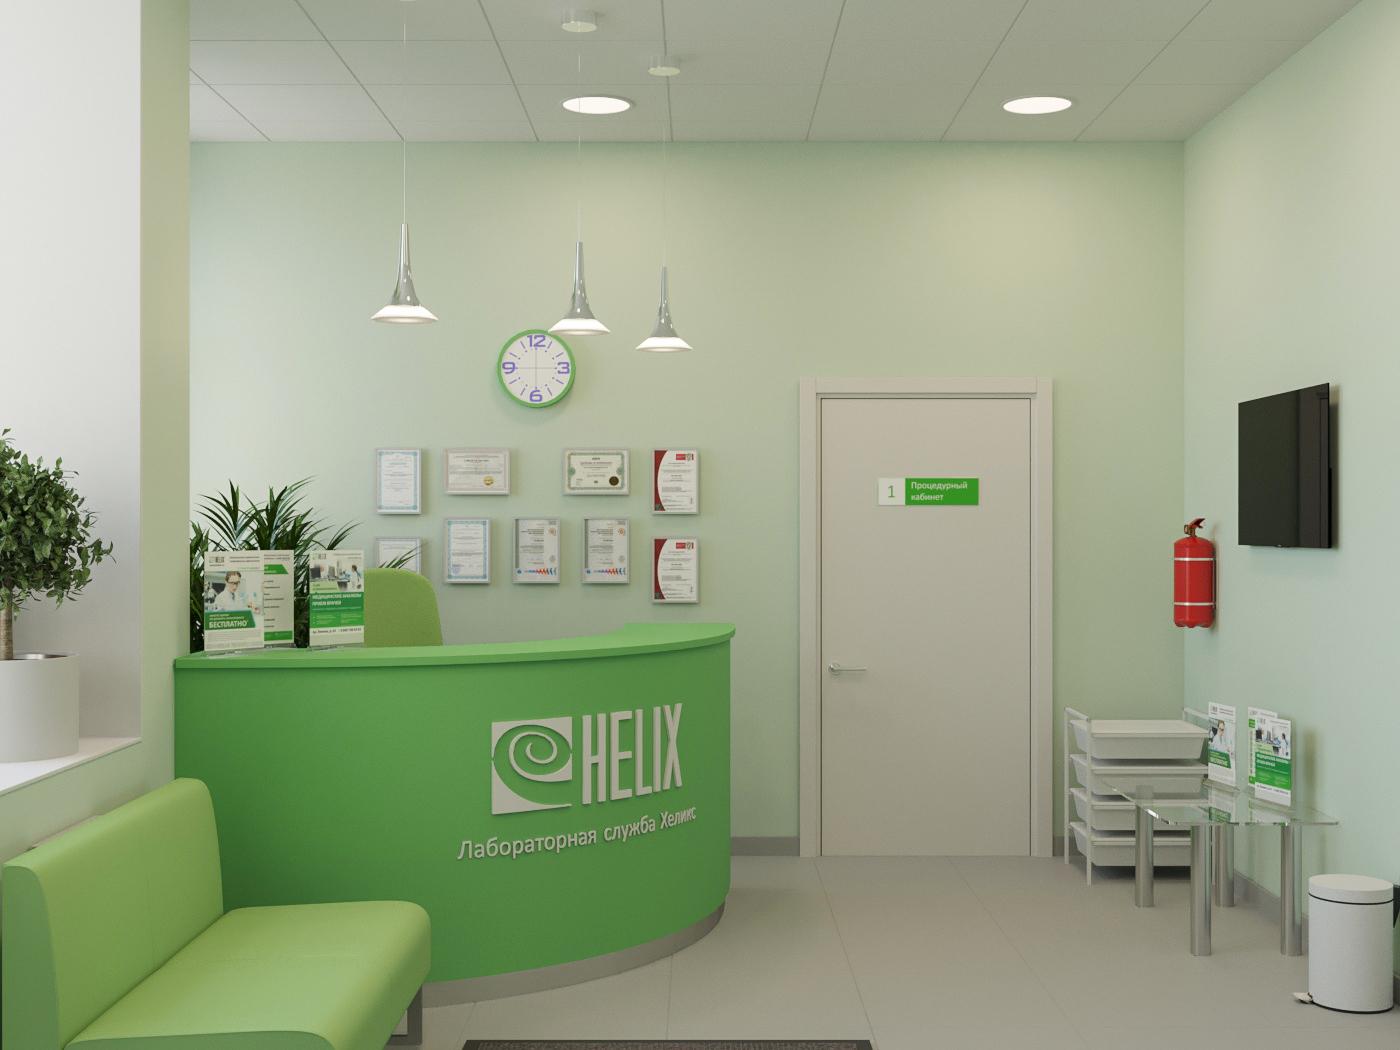 Медицинский центр Helix. Дизайн-проект